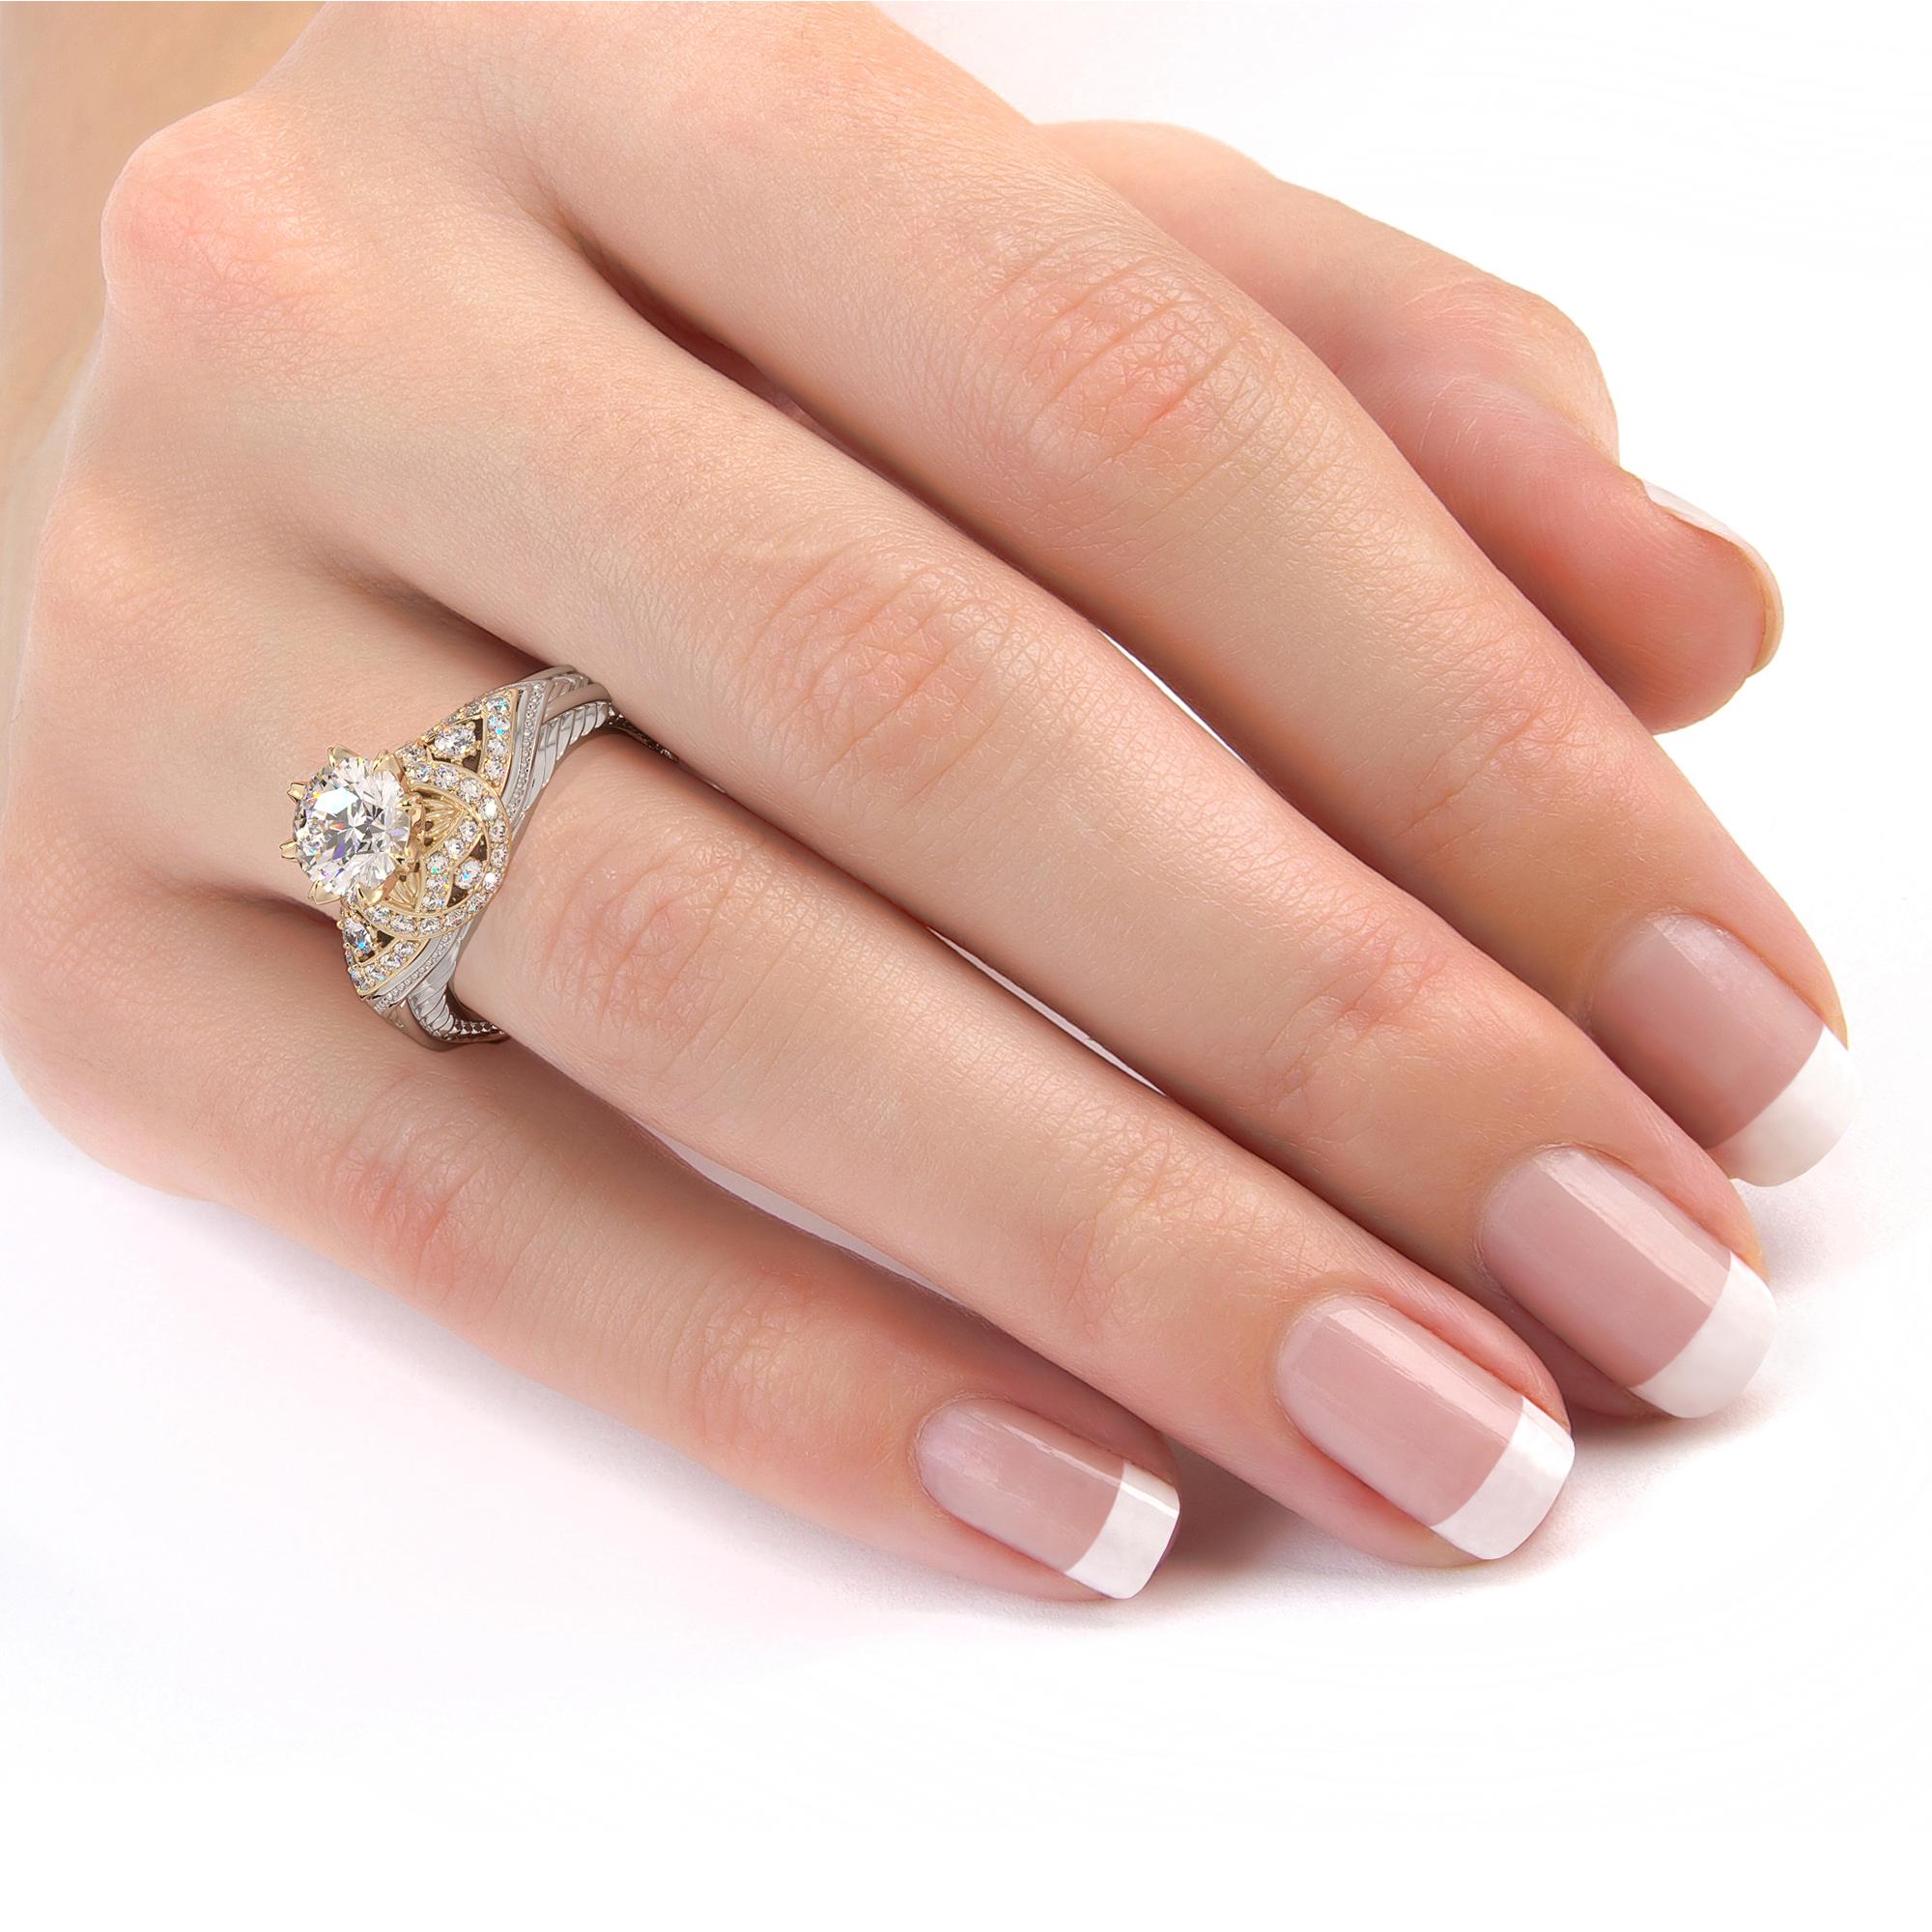 Round Moissanite Engagement Ring Kingly Milgrain Diamonds Ring 2 Toned Gold Engagement Ring Diamonds V Ring